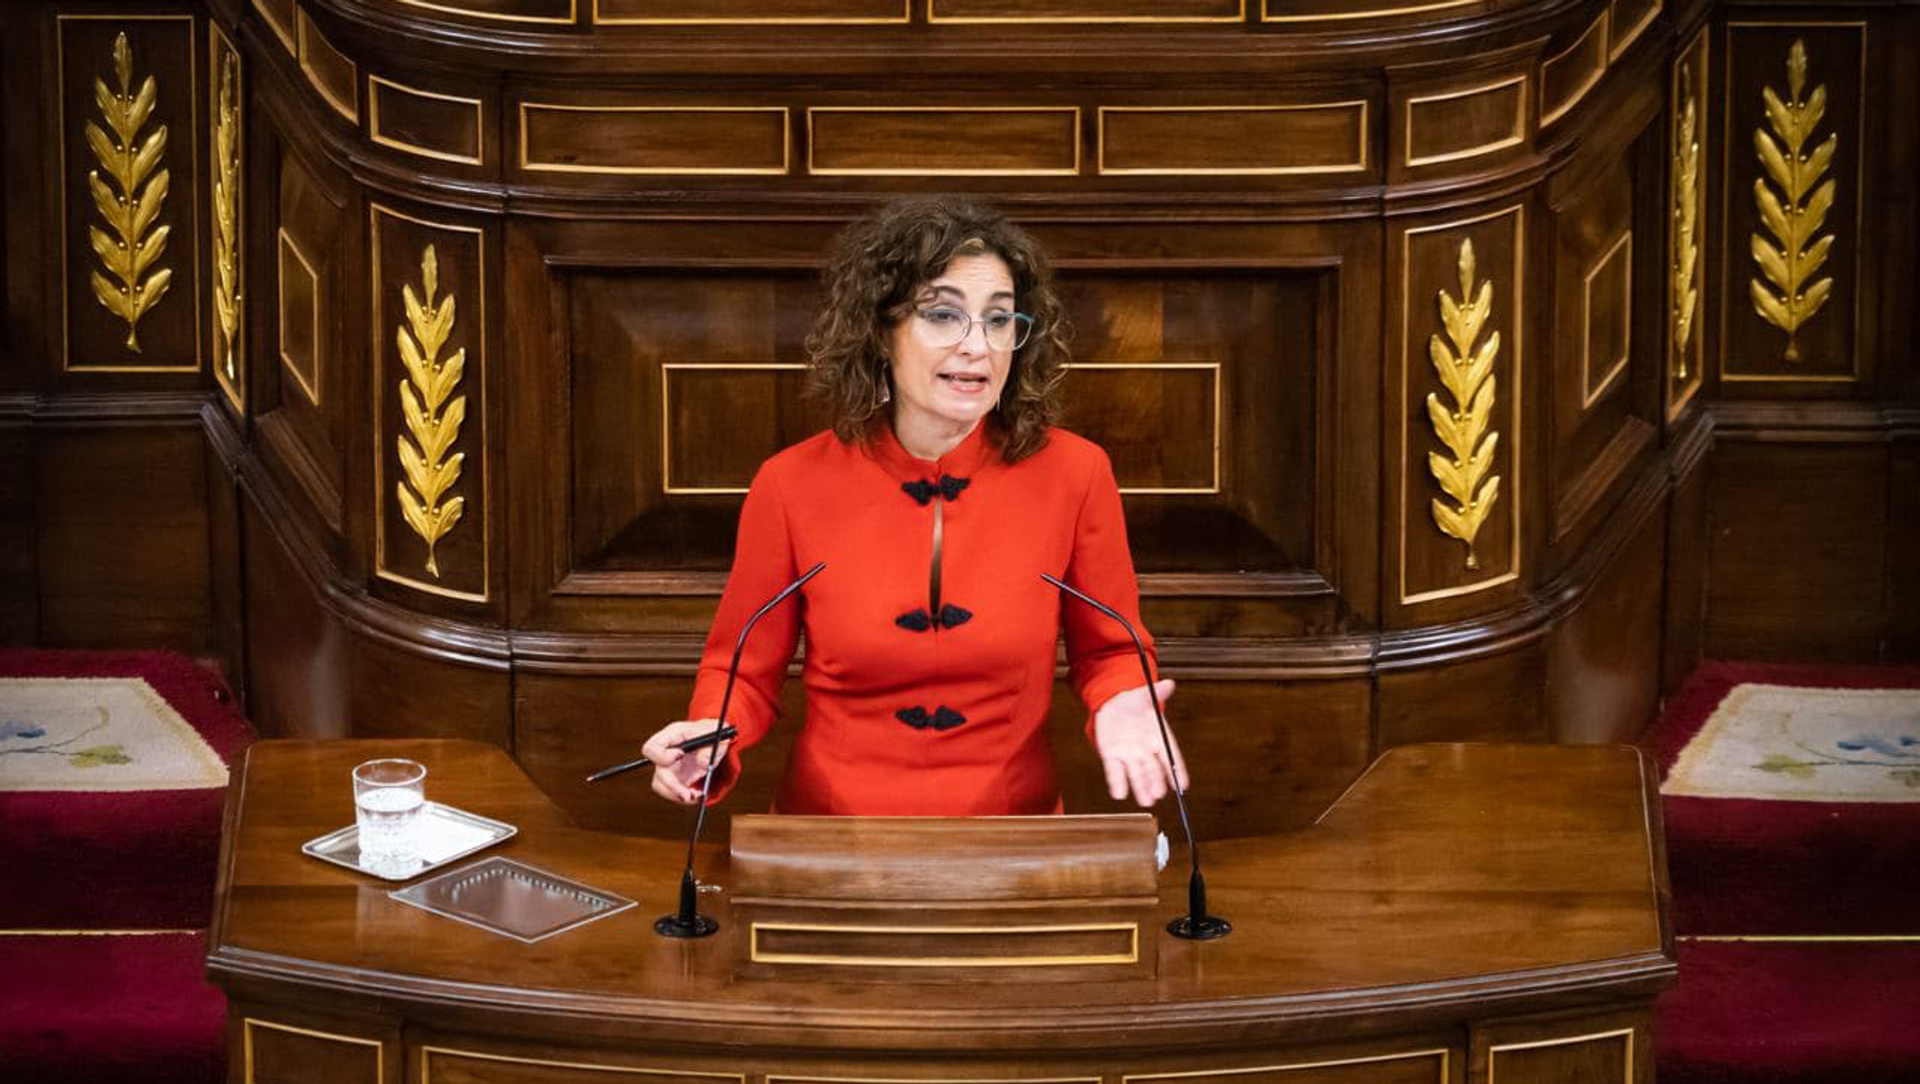 La ministra de Hacienda de España en el debate de la totalidad de los Presupuestos Generales del Estado - Sputnik Mundo, 1920, 01.01.2021